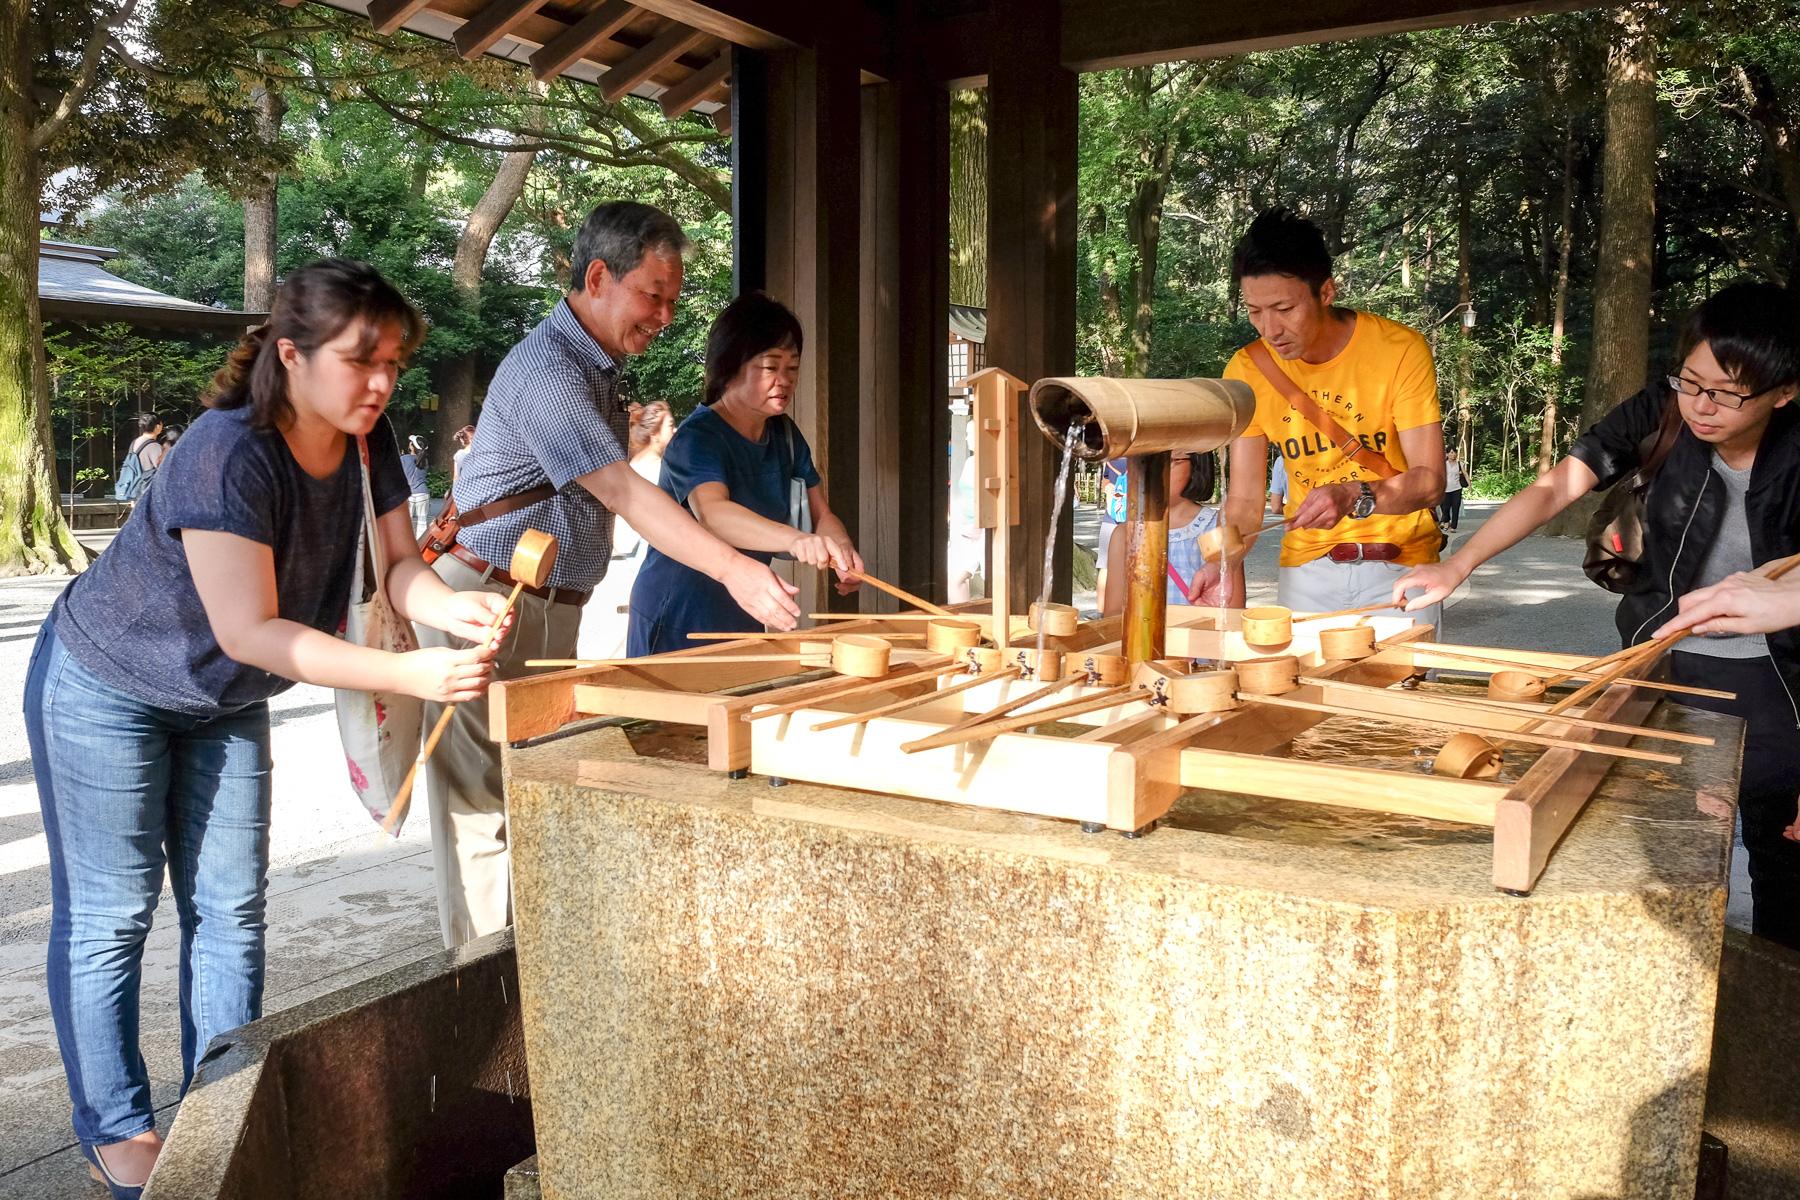 Am Schreineingang befindet sich ein Reinigungsbecken (*chozuya*), wo man mit einer Schöpfkelle (*hishaku*) Wasser aus dem Becken entnimmt und sich die Hände wäscht und den Mund ausspült.